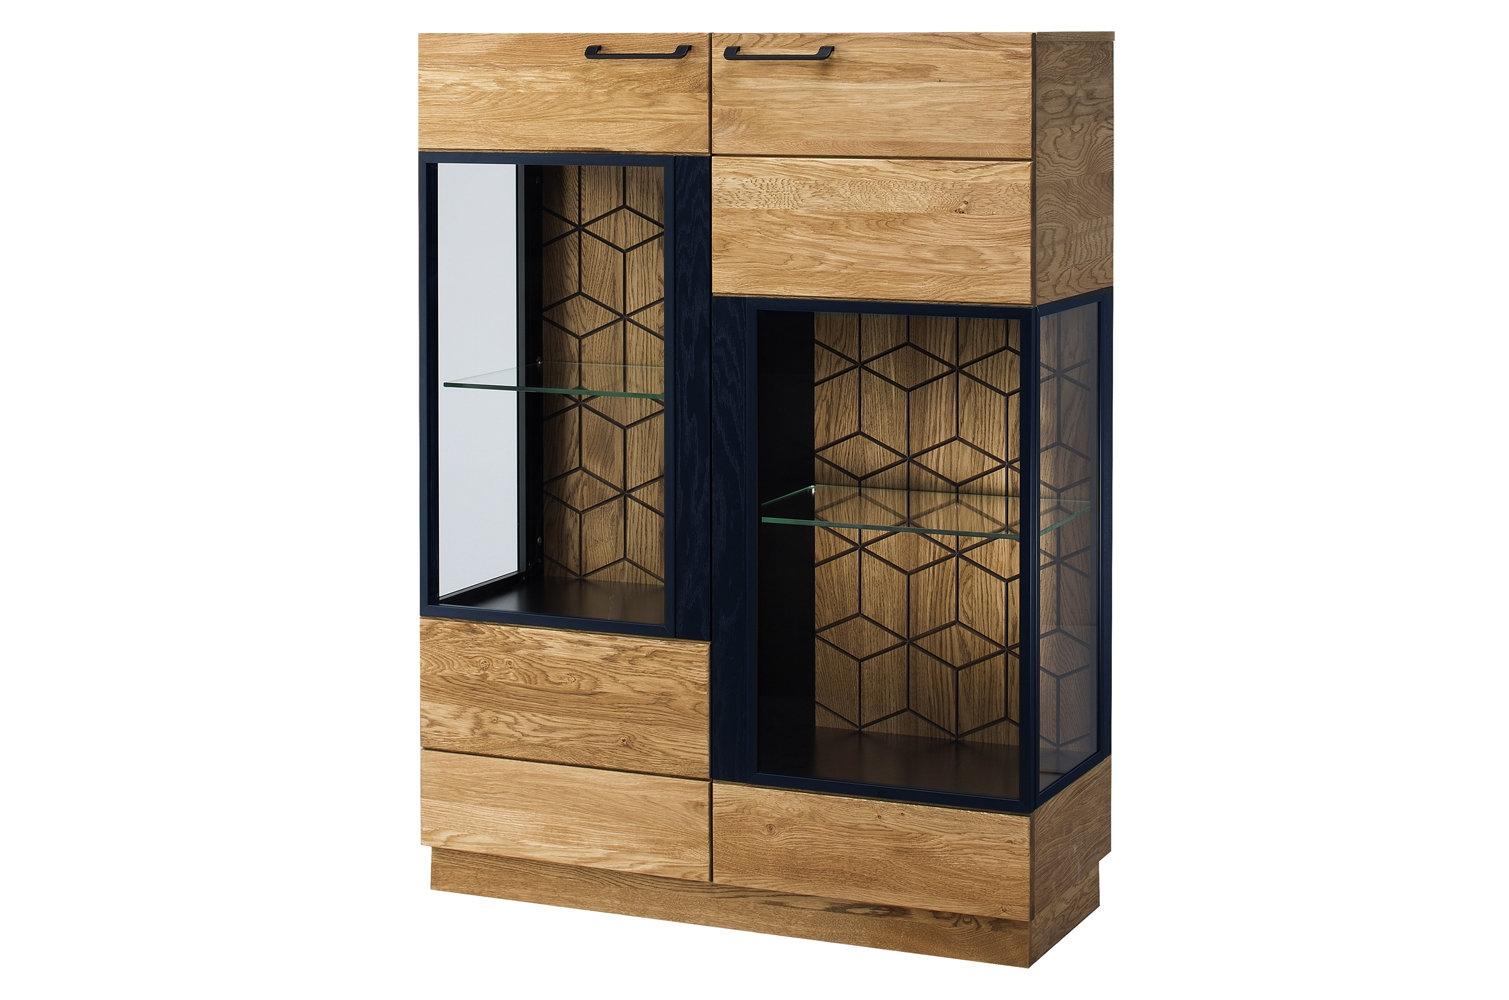 Vitrina din lemn si furnir, cu 2 usi Small Mosaic 15 Stejar / Negru, l95xA42xH143 cm imagine